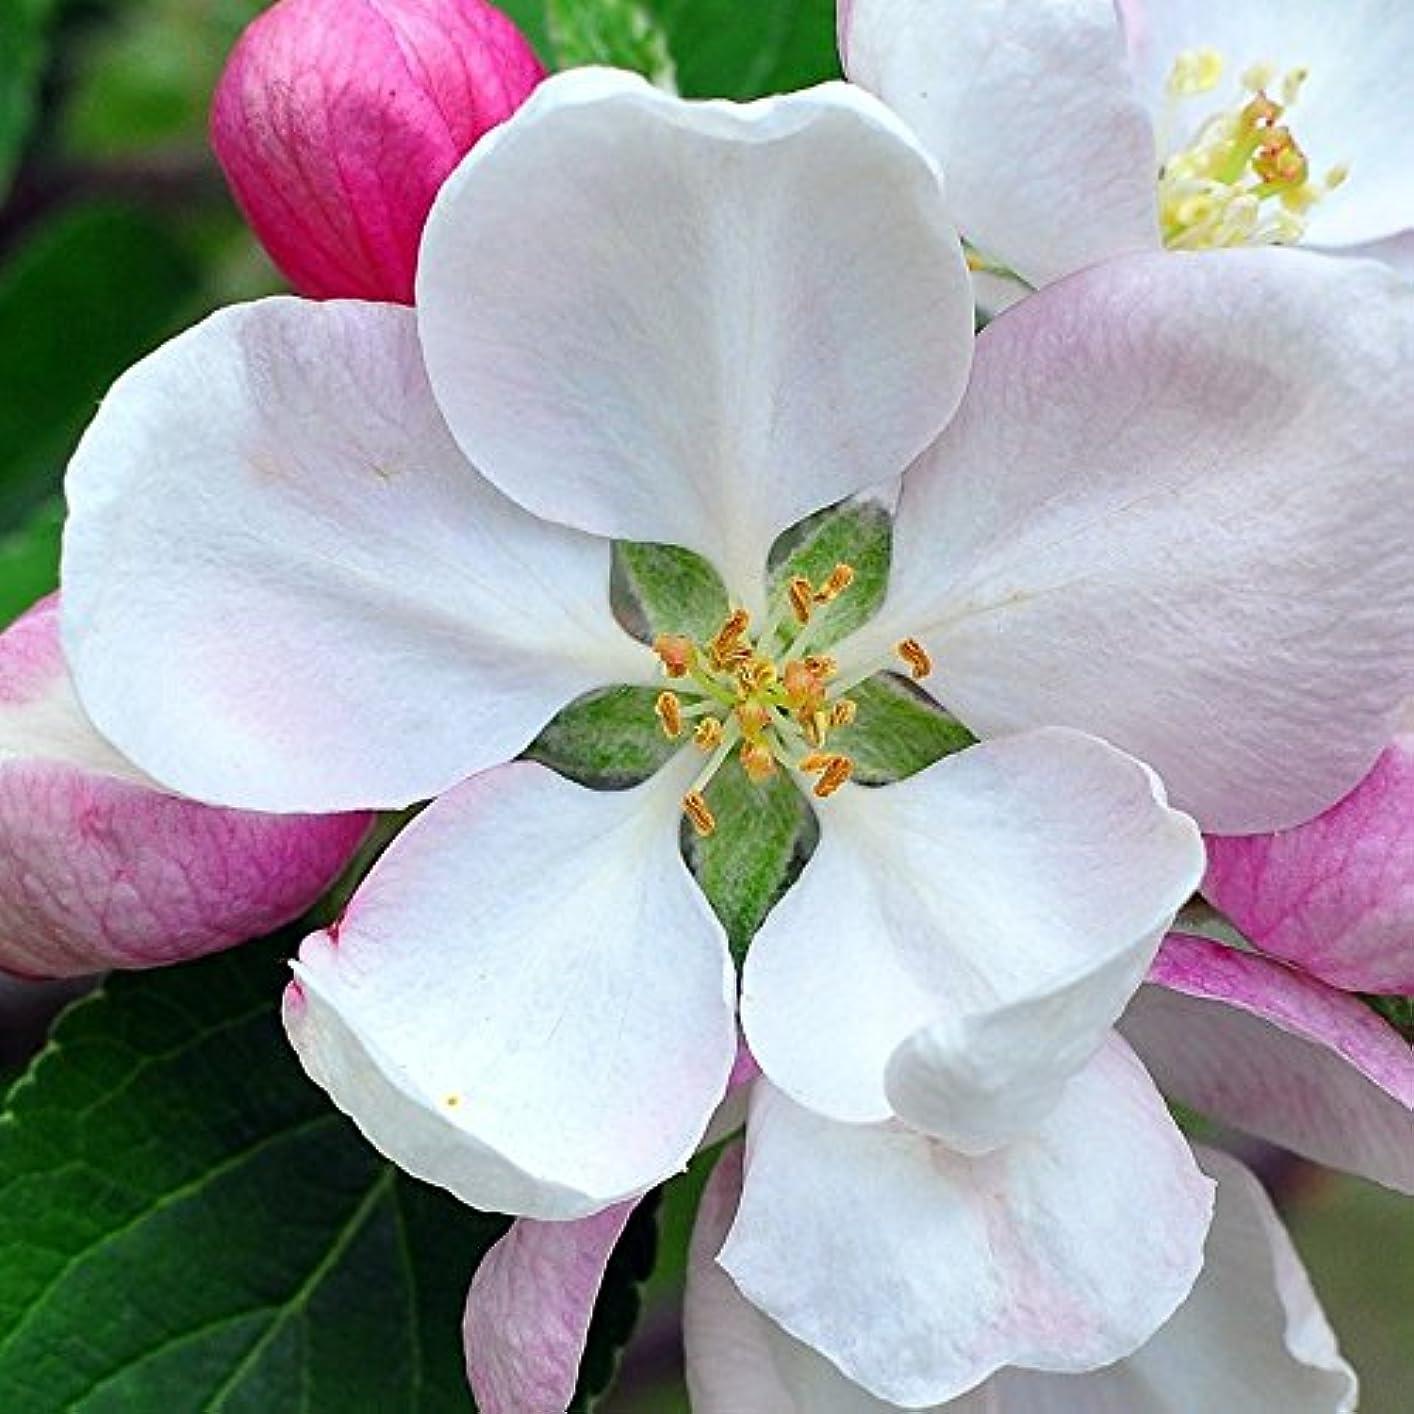 容器安全でないアフリカ人アロマフレグランスオイル 日本モクレン(Japanese Magnolia)